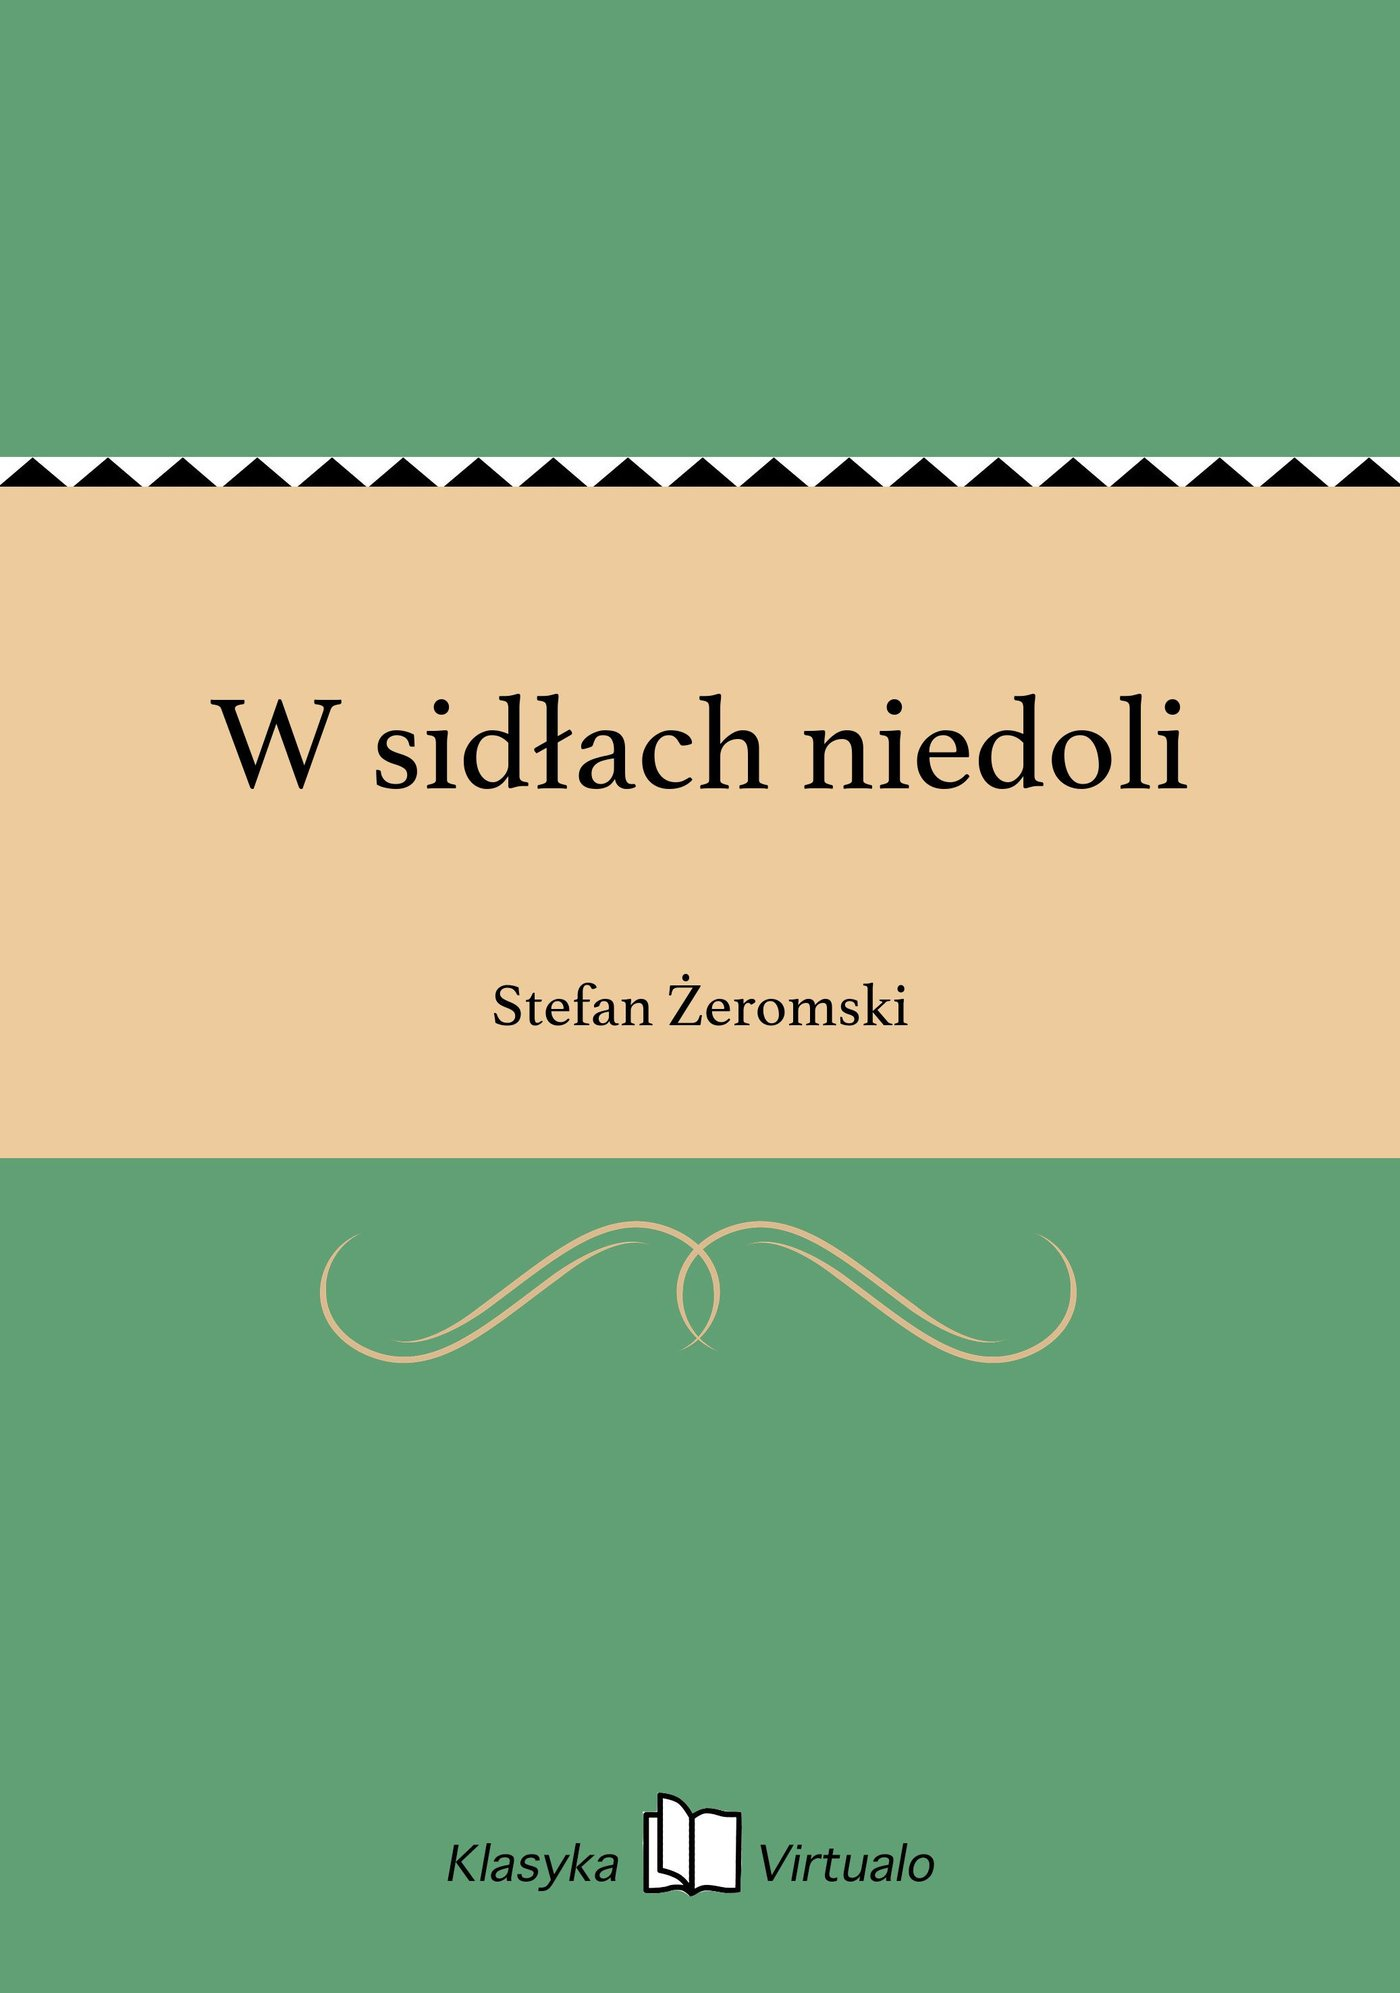 W sidłach niedoli - Ebook (Książka EPUB) do pobrania w formacie EPUB